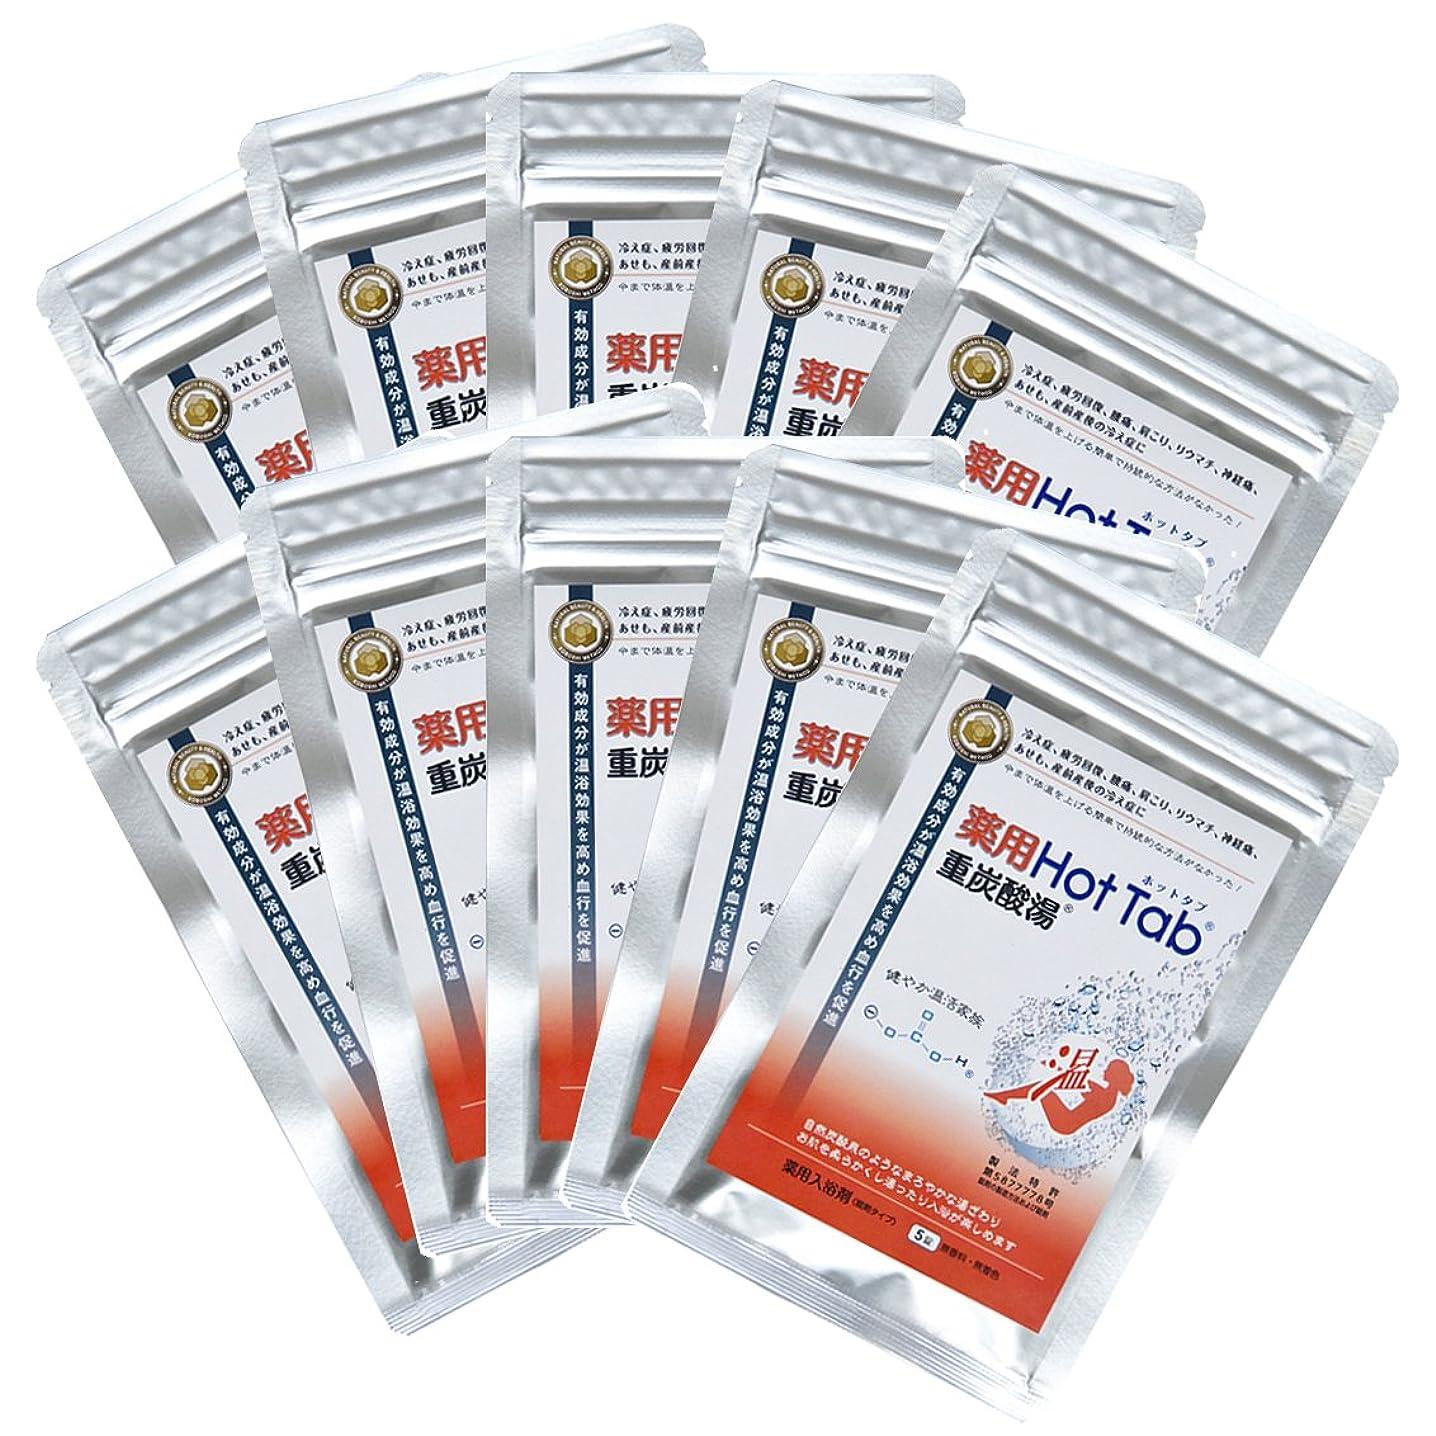 早い有害過剰薬用 Hot Tab 重炭酸湯 5錠入りx10セット